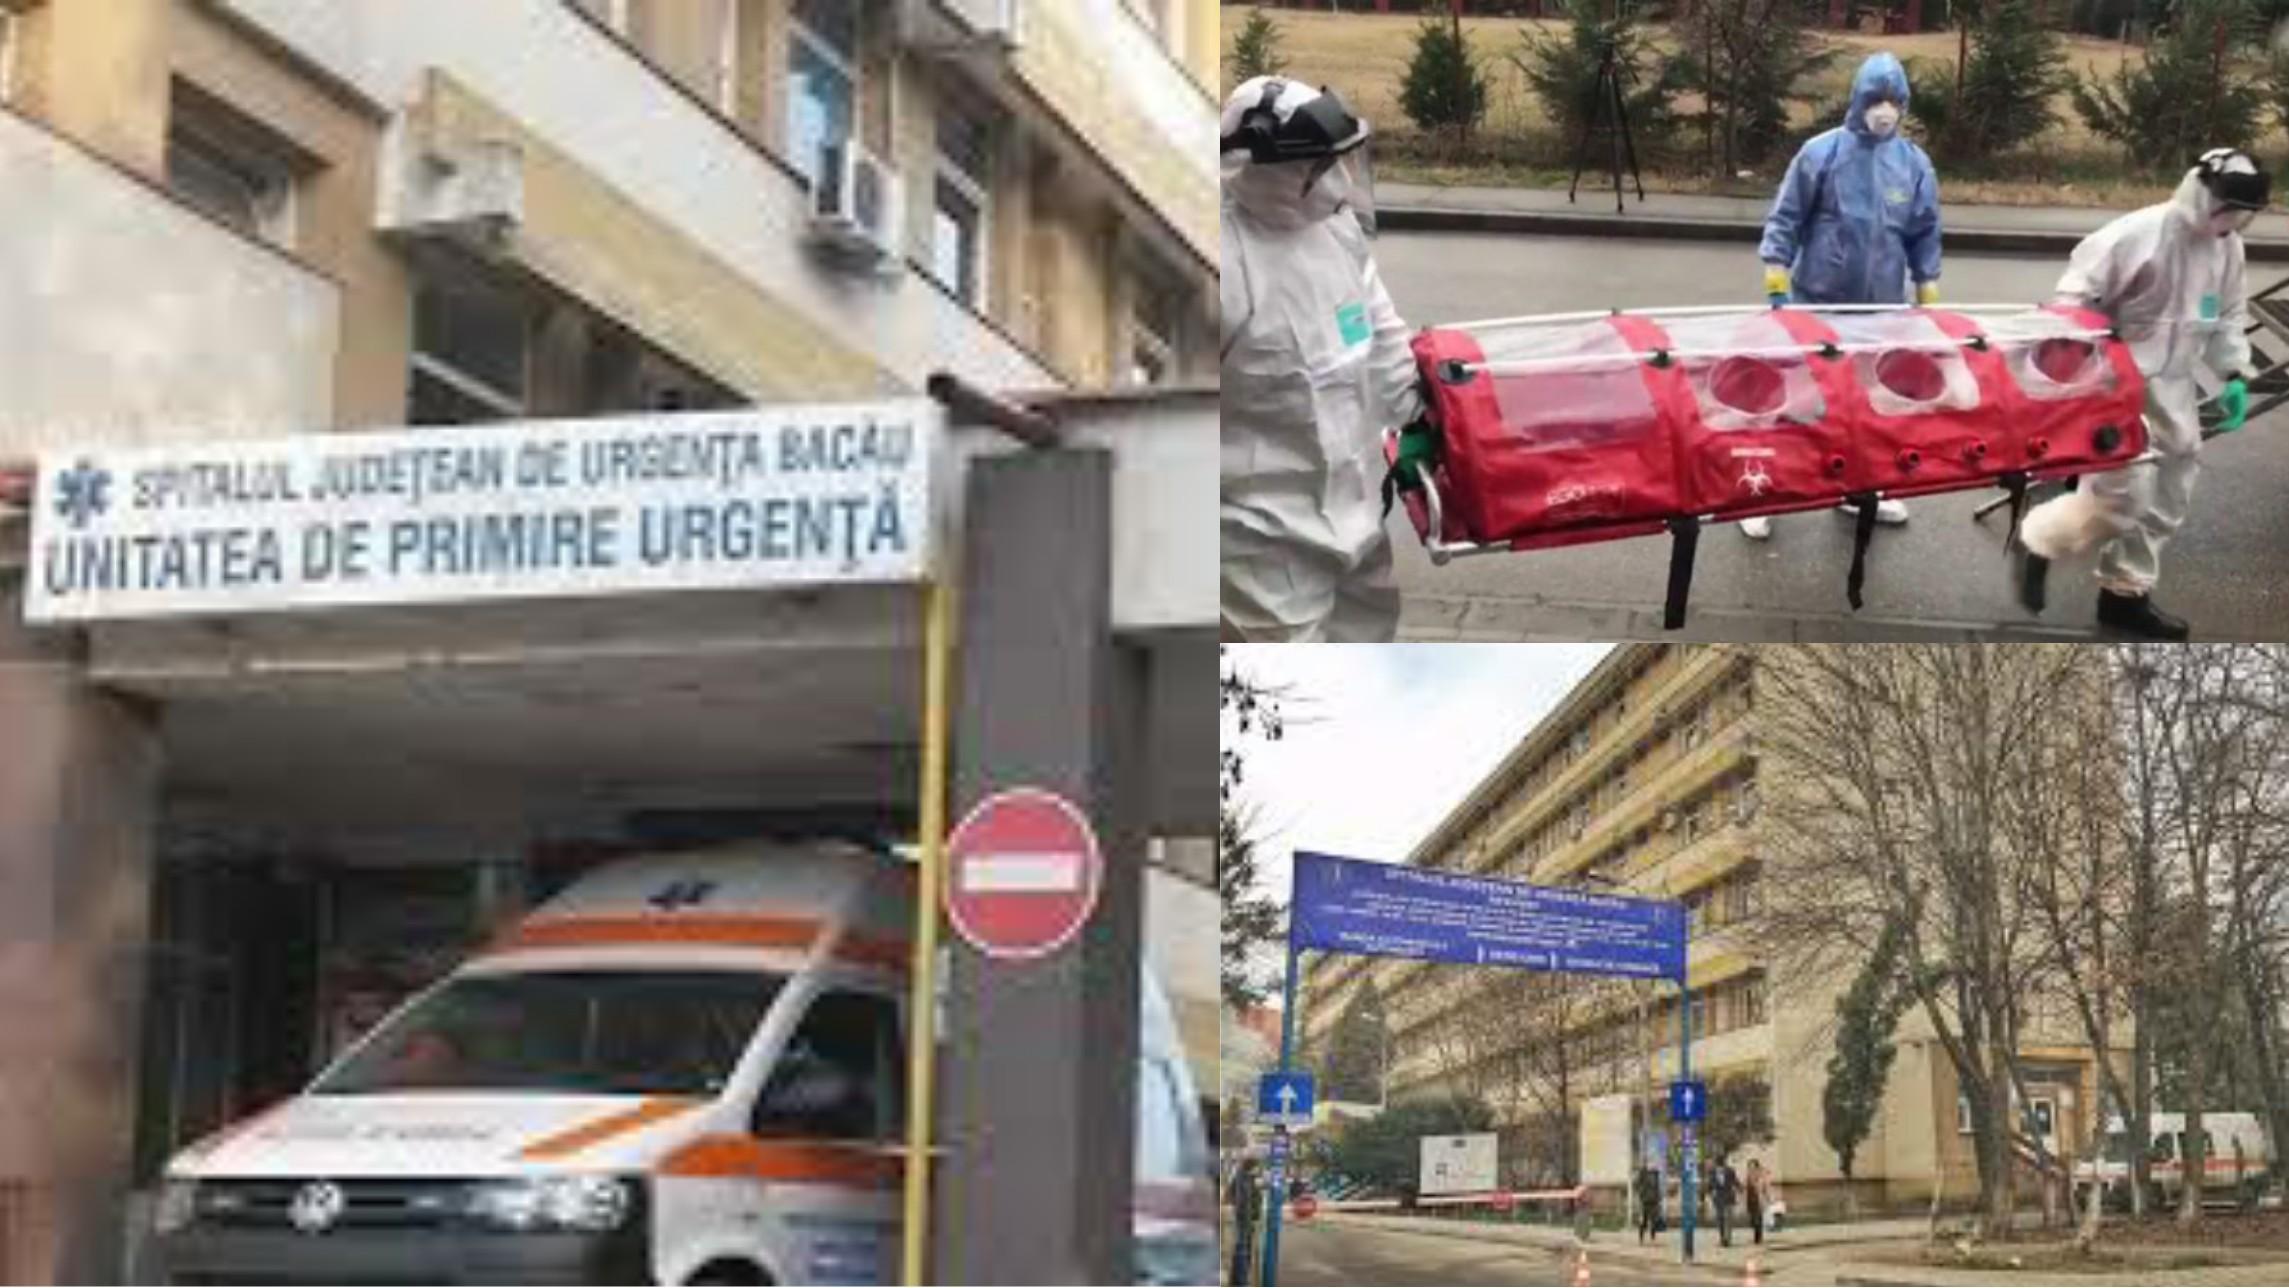 COVID-19: 4 persoane în carantină și 562 izolate la domiciliu în Bacău